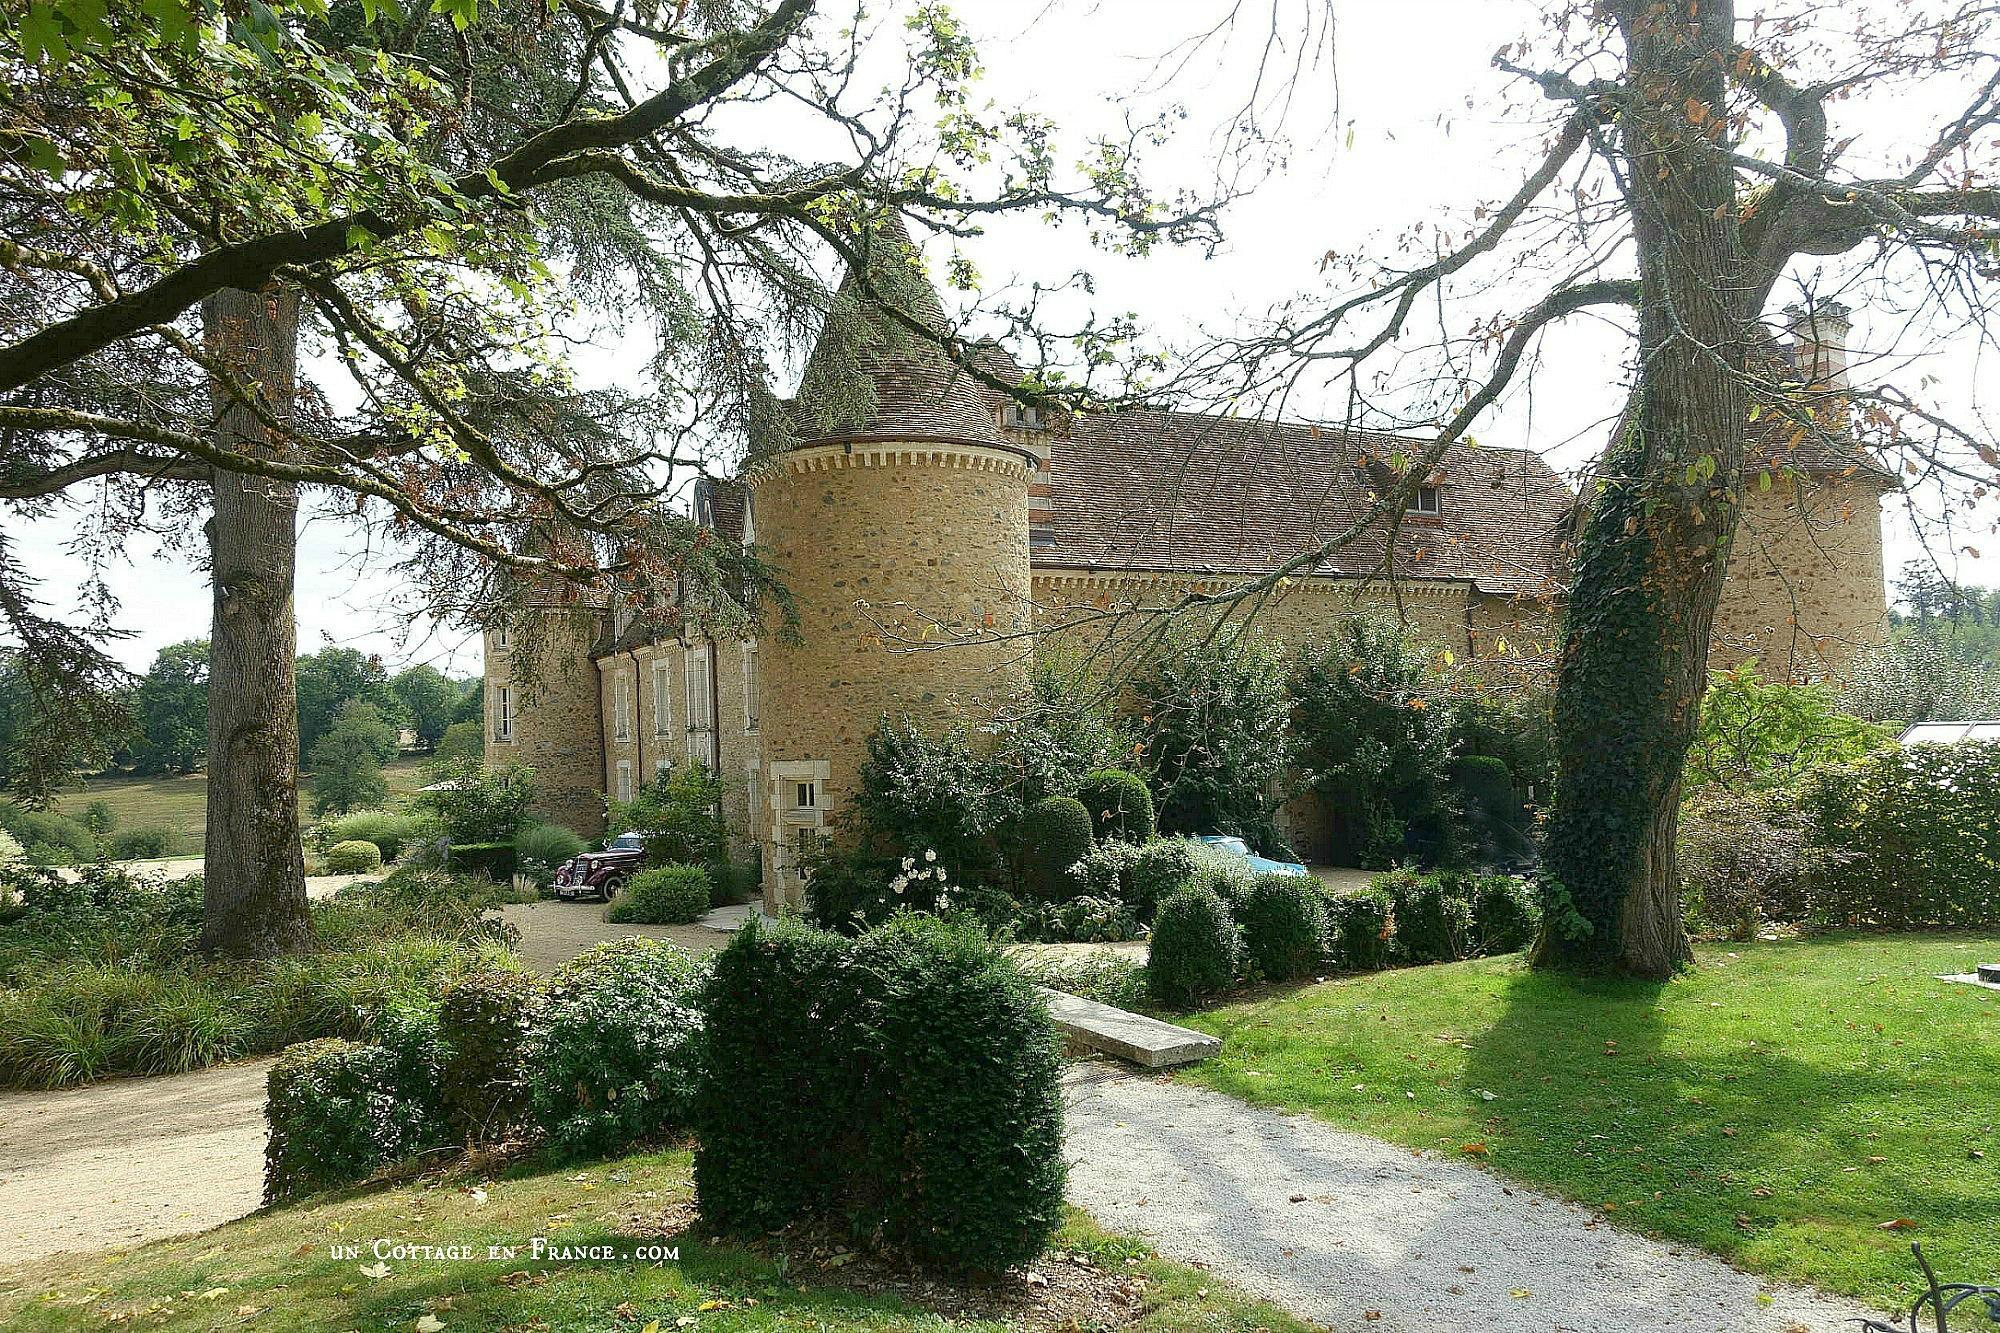 Déjeuner d'été au Domaine des etangs, Charente 8